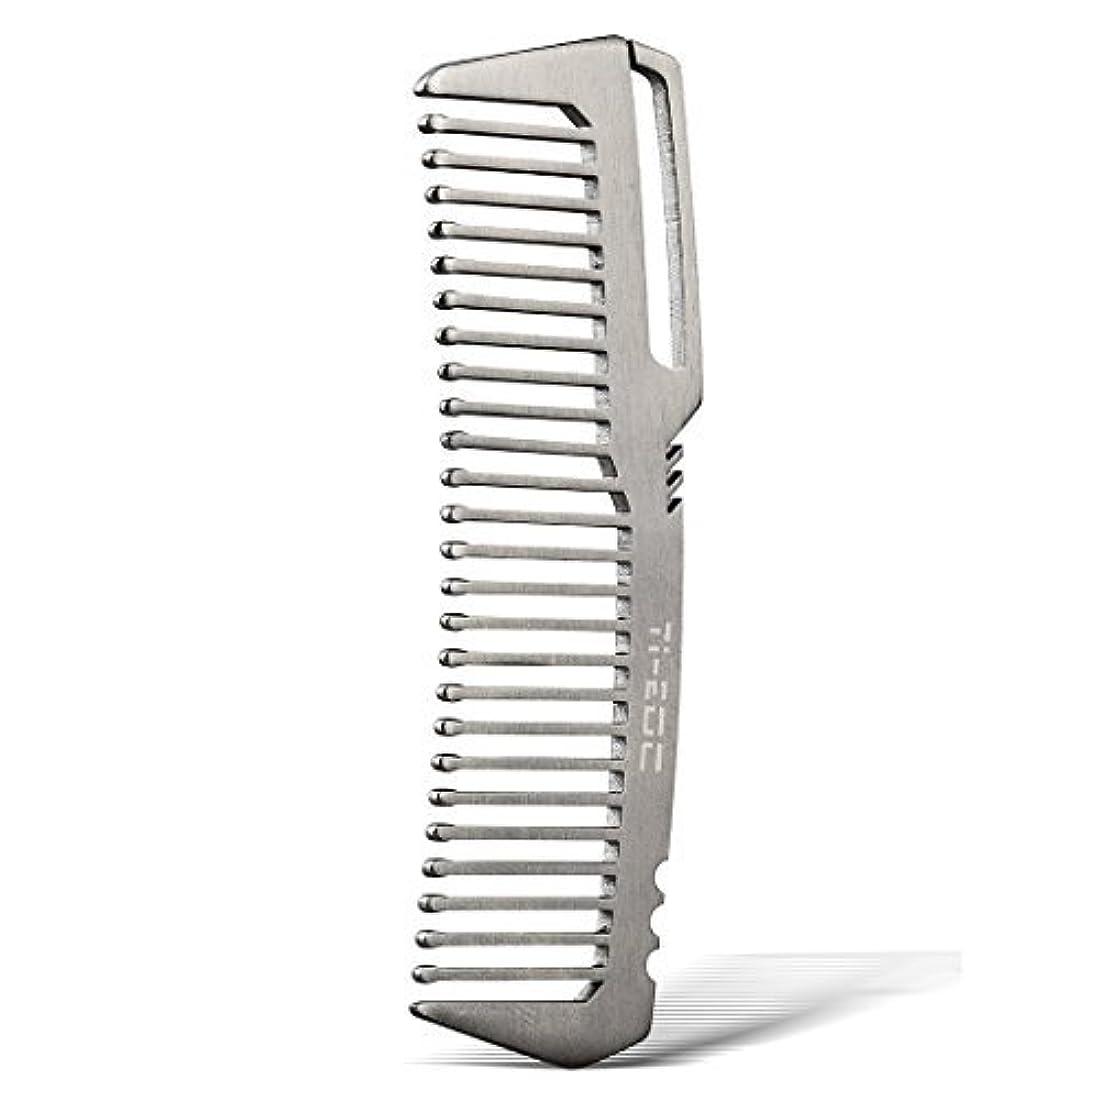 治安判事チャンピオンシップ質素なTI-EDC Titanium Hair Beared Comb Handmade Premium Eco-friendly Durable Pocket Wallet Comb [並行輸入品]